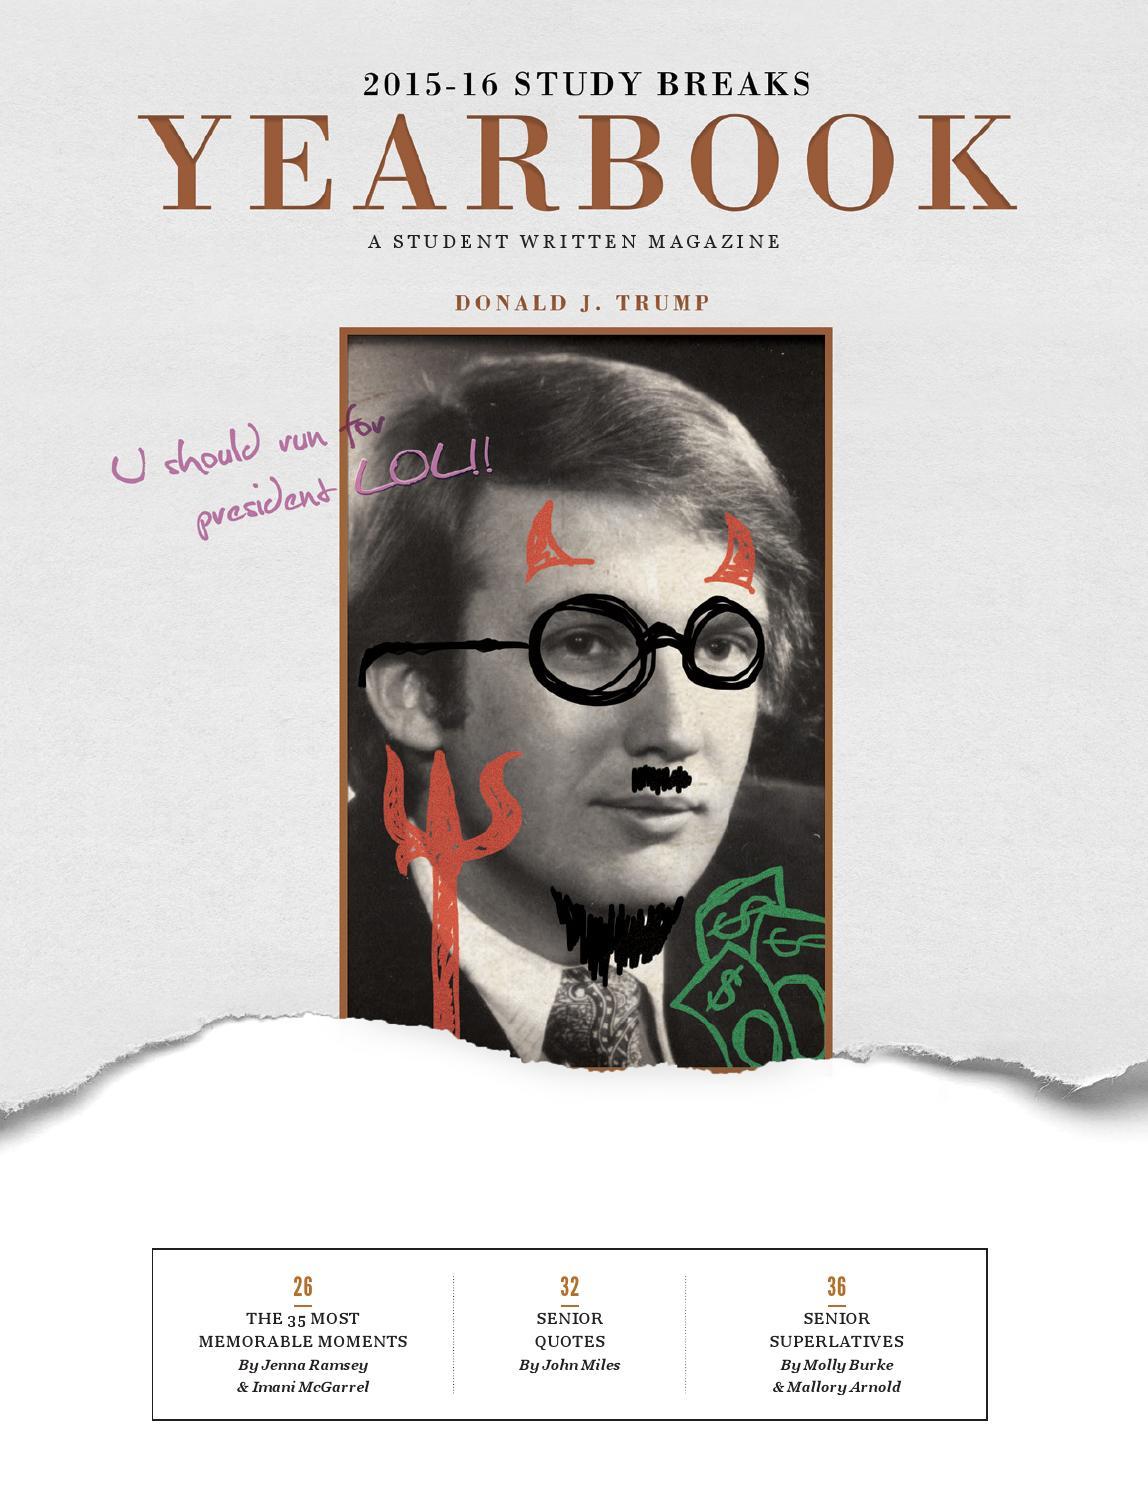 Study Breaks Magazine Lubbock by Study Breaks - issuu b51ee3ec9